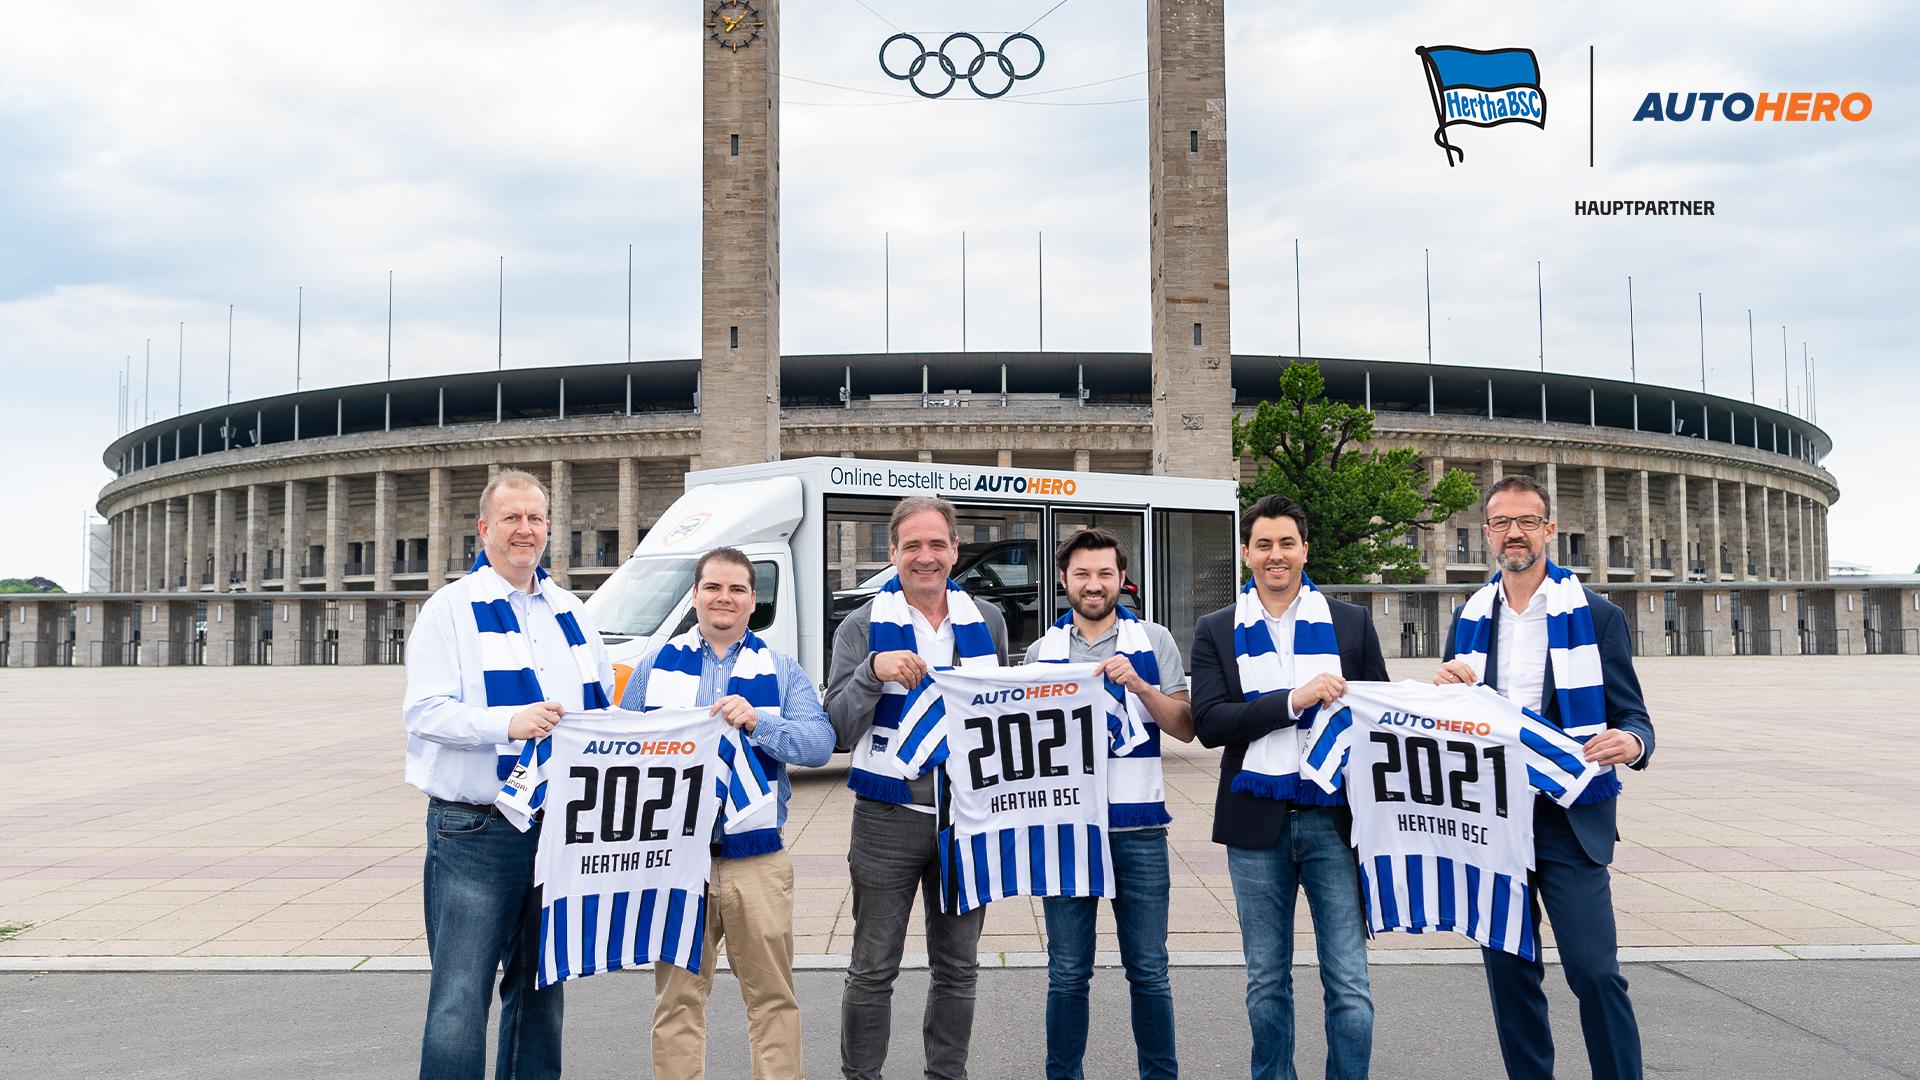 Ingo Schiller, Sören Lange, Carsten Schmidt, Josef Hallmann, Hamza Saber, Fredi Bobic (v.l.n.r.) vor dem Olympiastadion